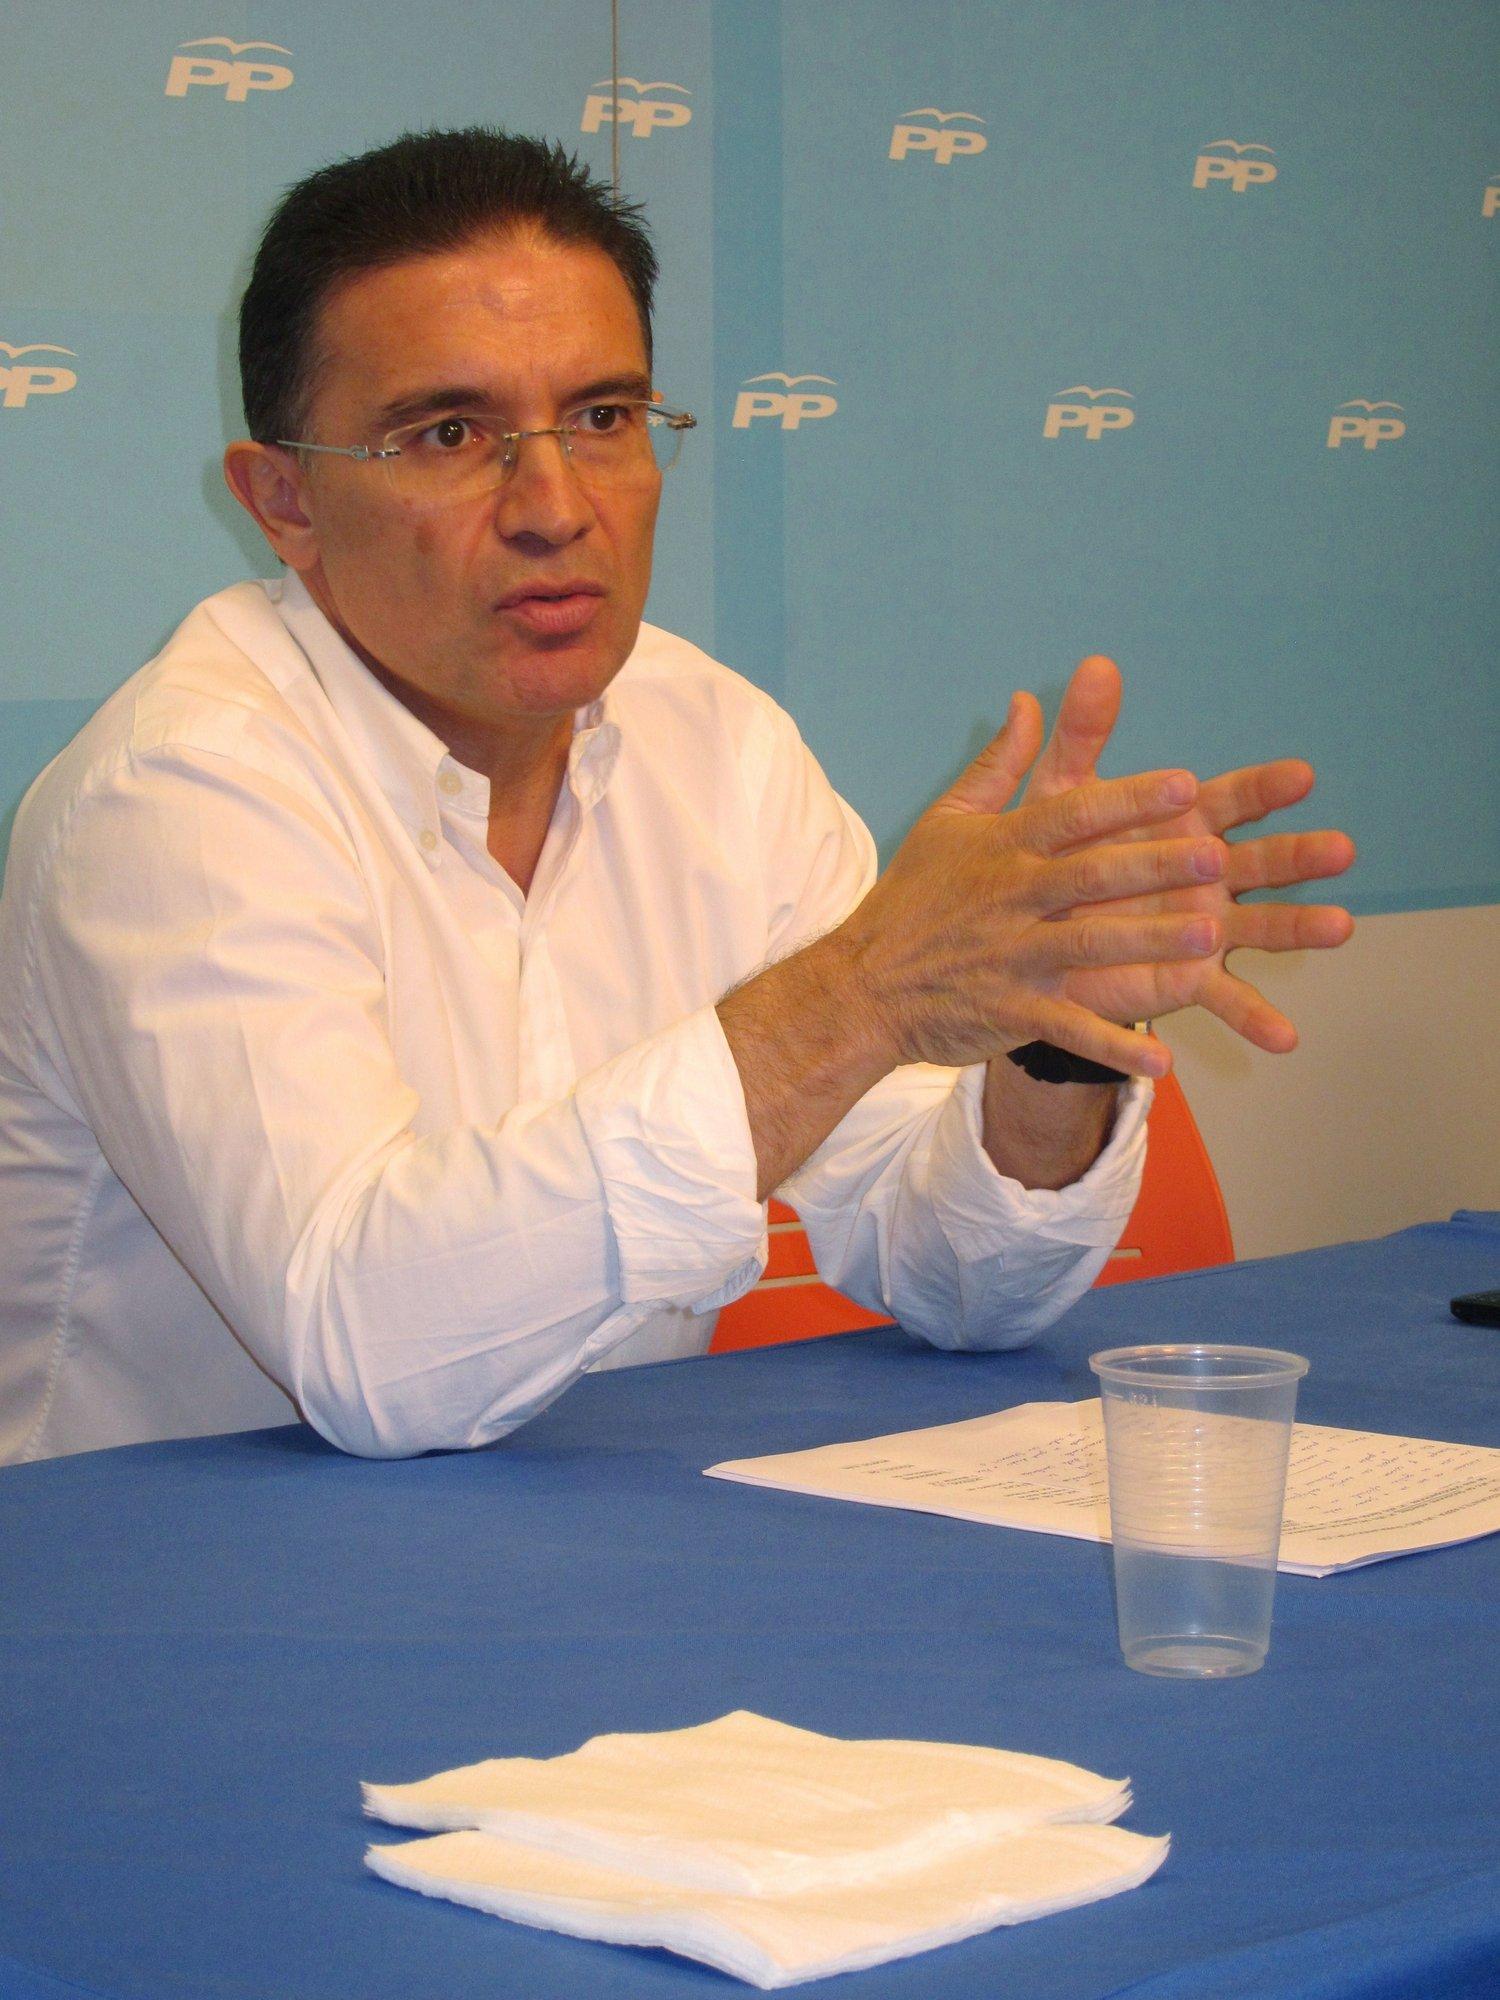 PPCV dice que pedirán responsabilidades si la comisión determina que se filtró a Blasco un informe sobre ayudas a ONG